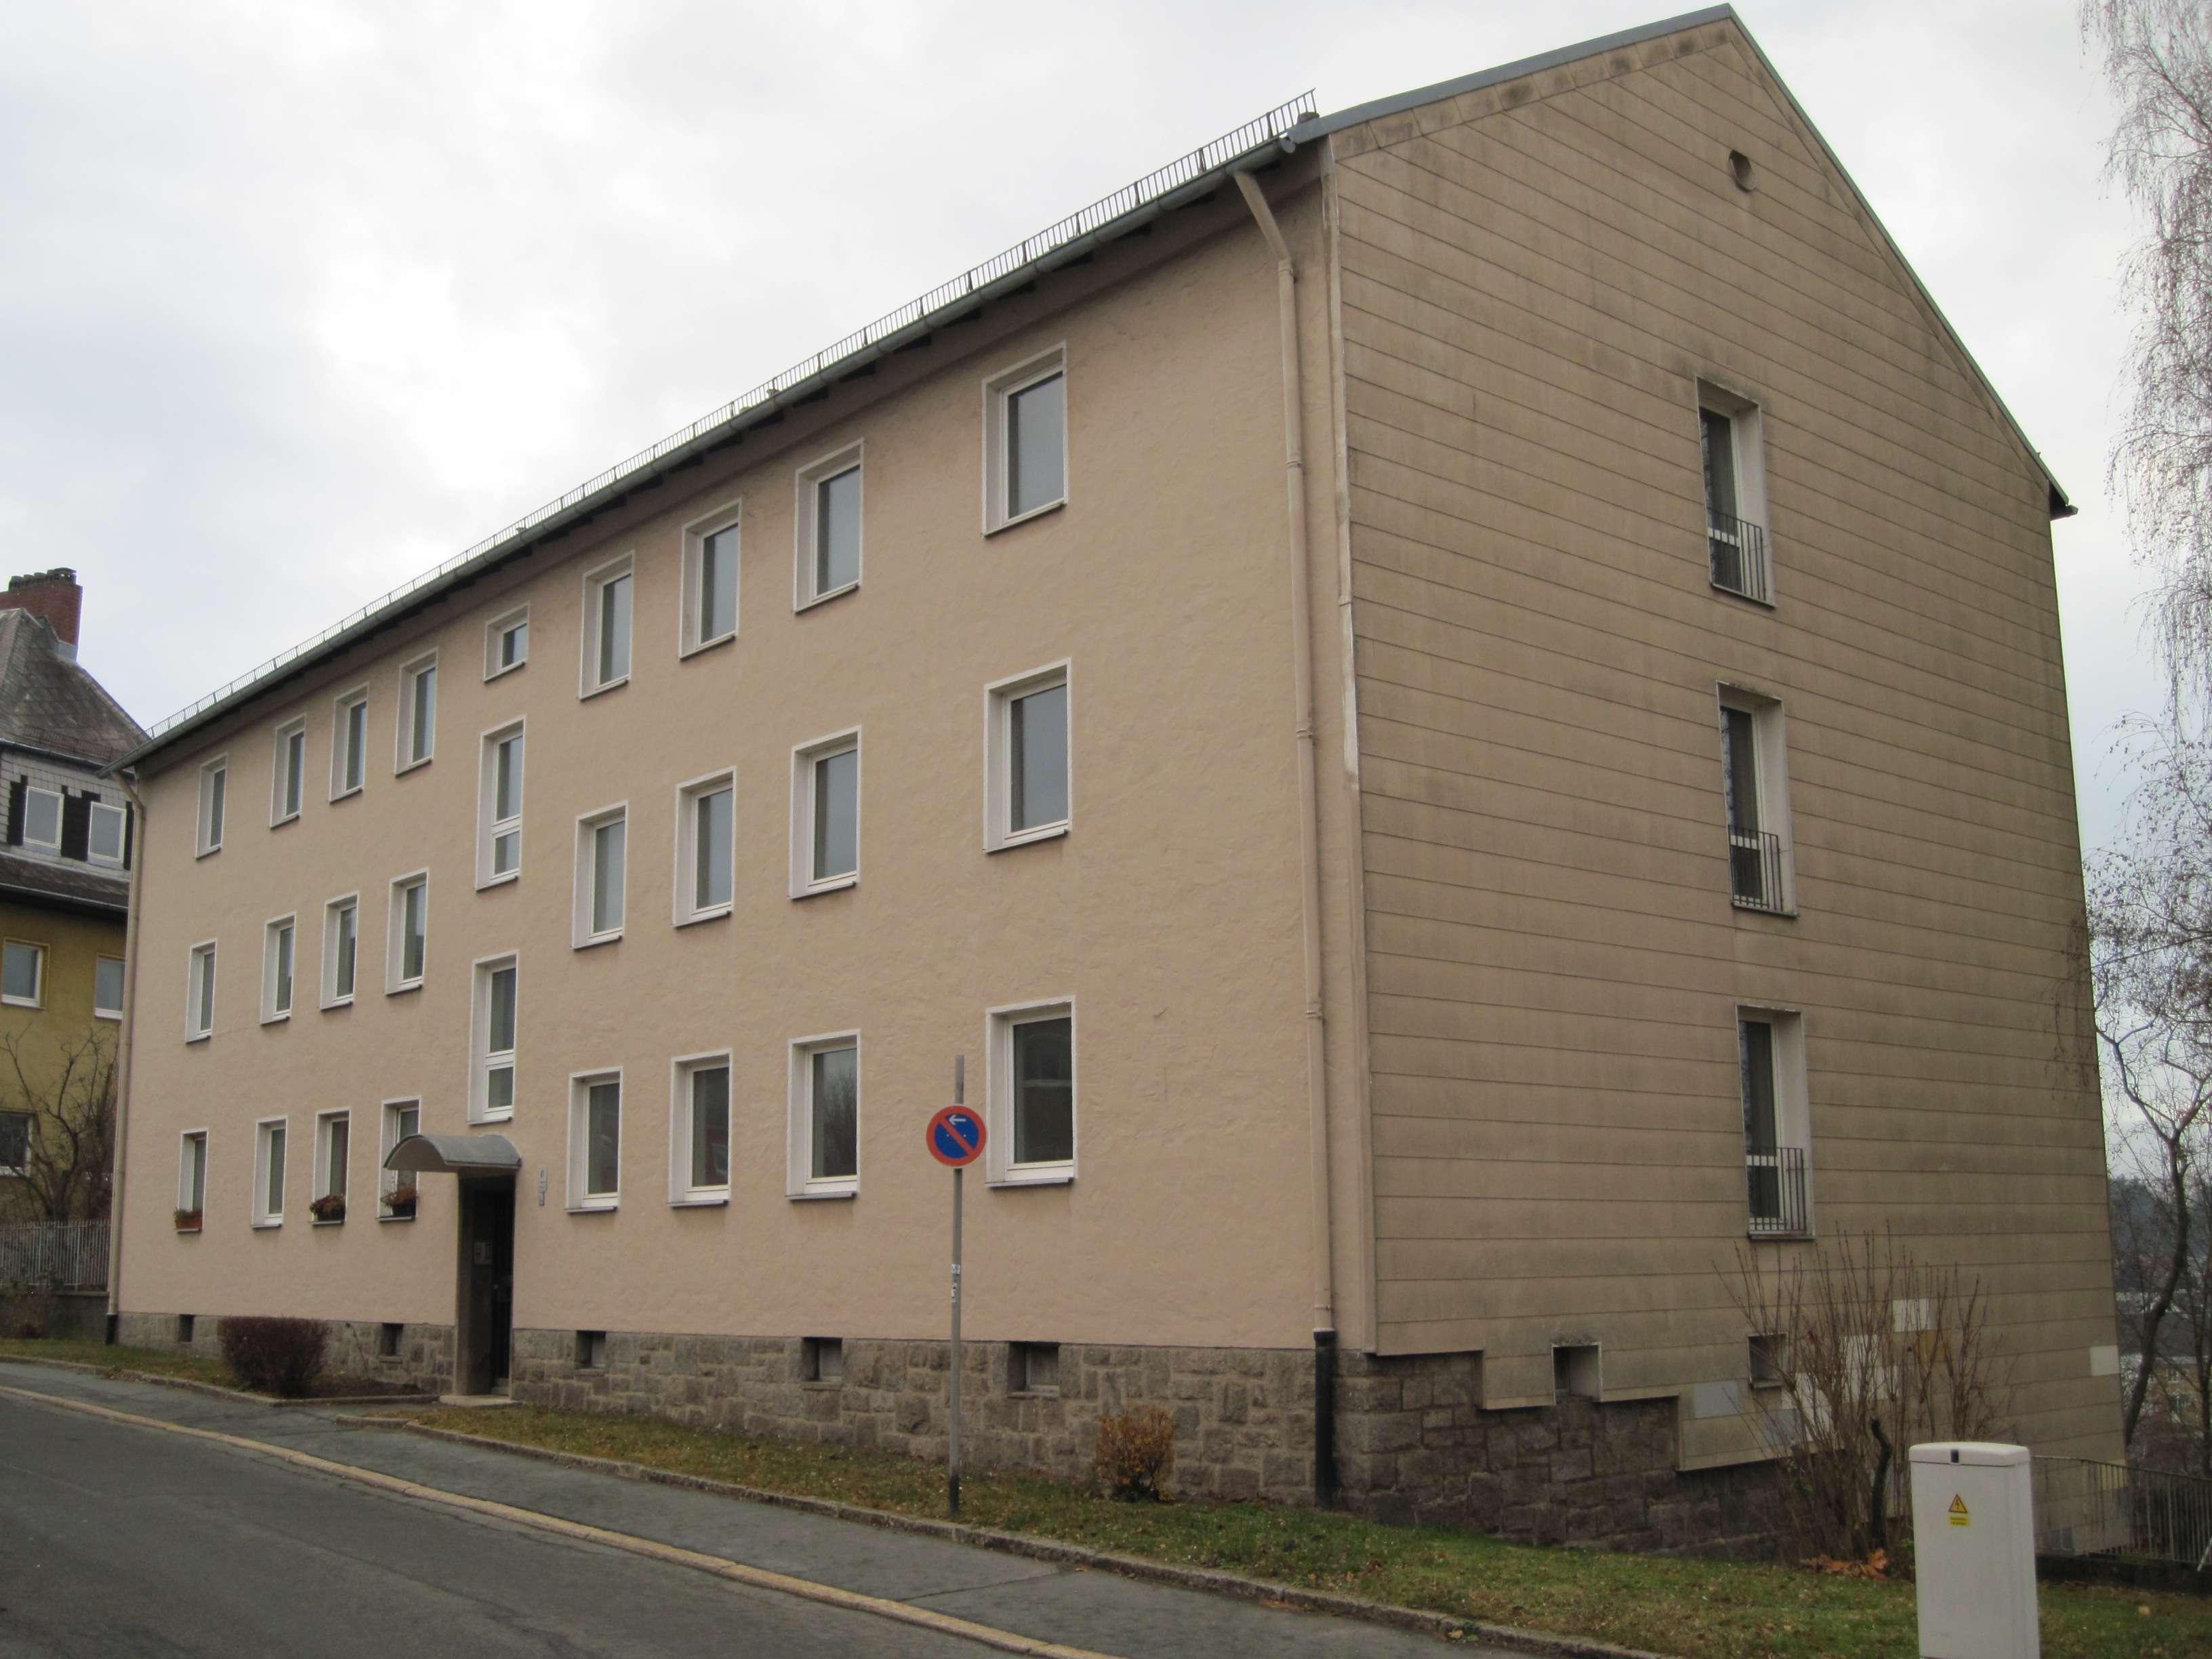 Gemütliche Wohnung in der Gartenstraße in